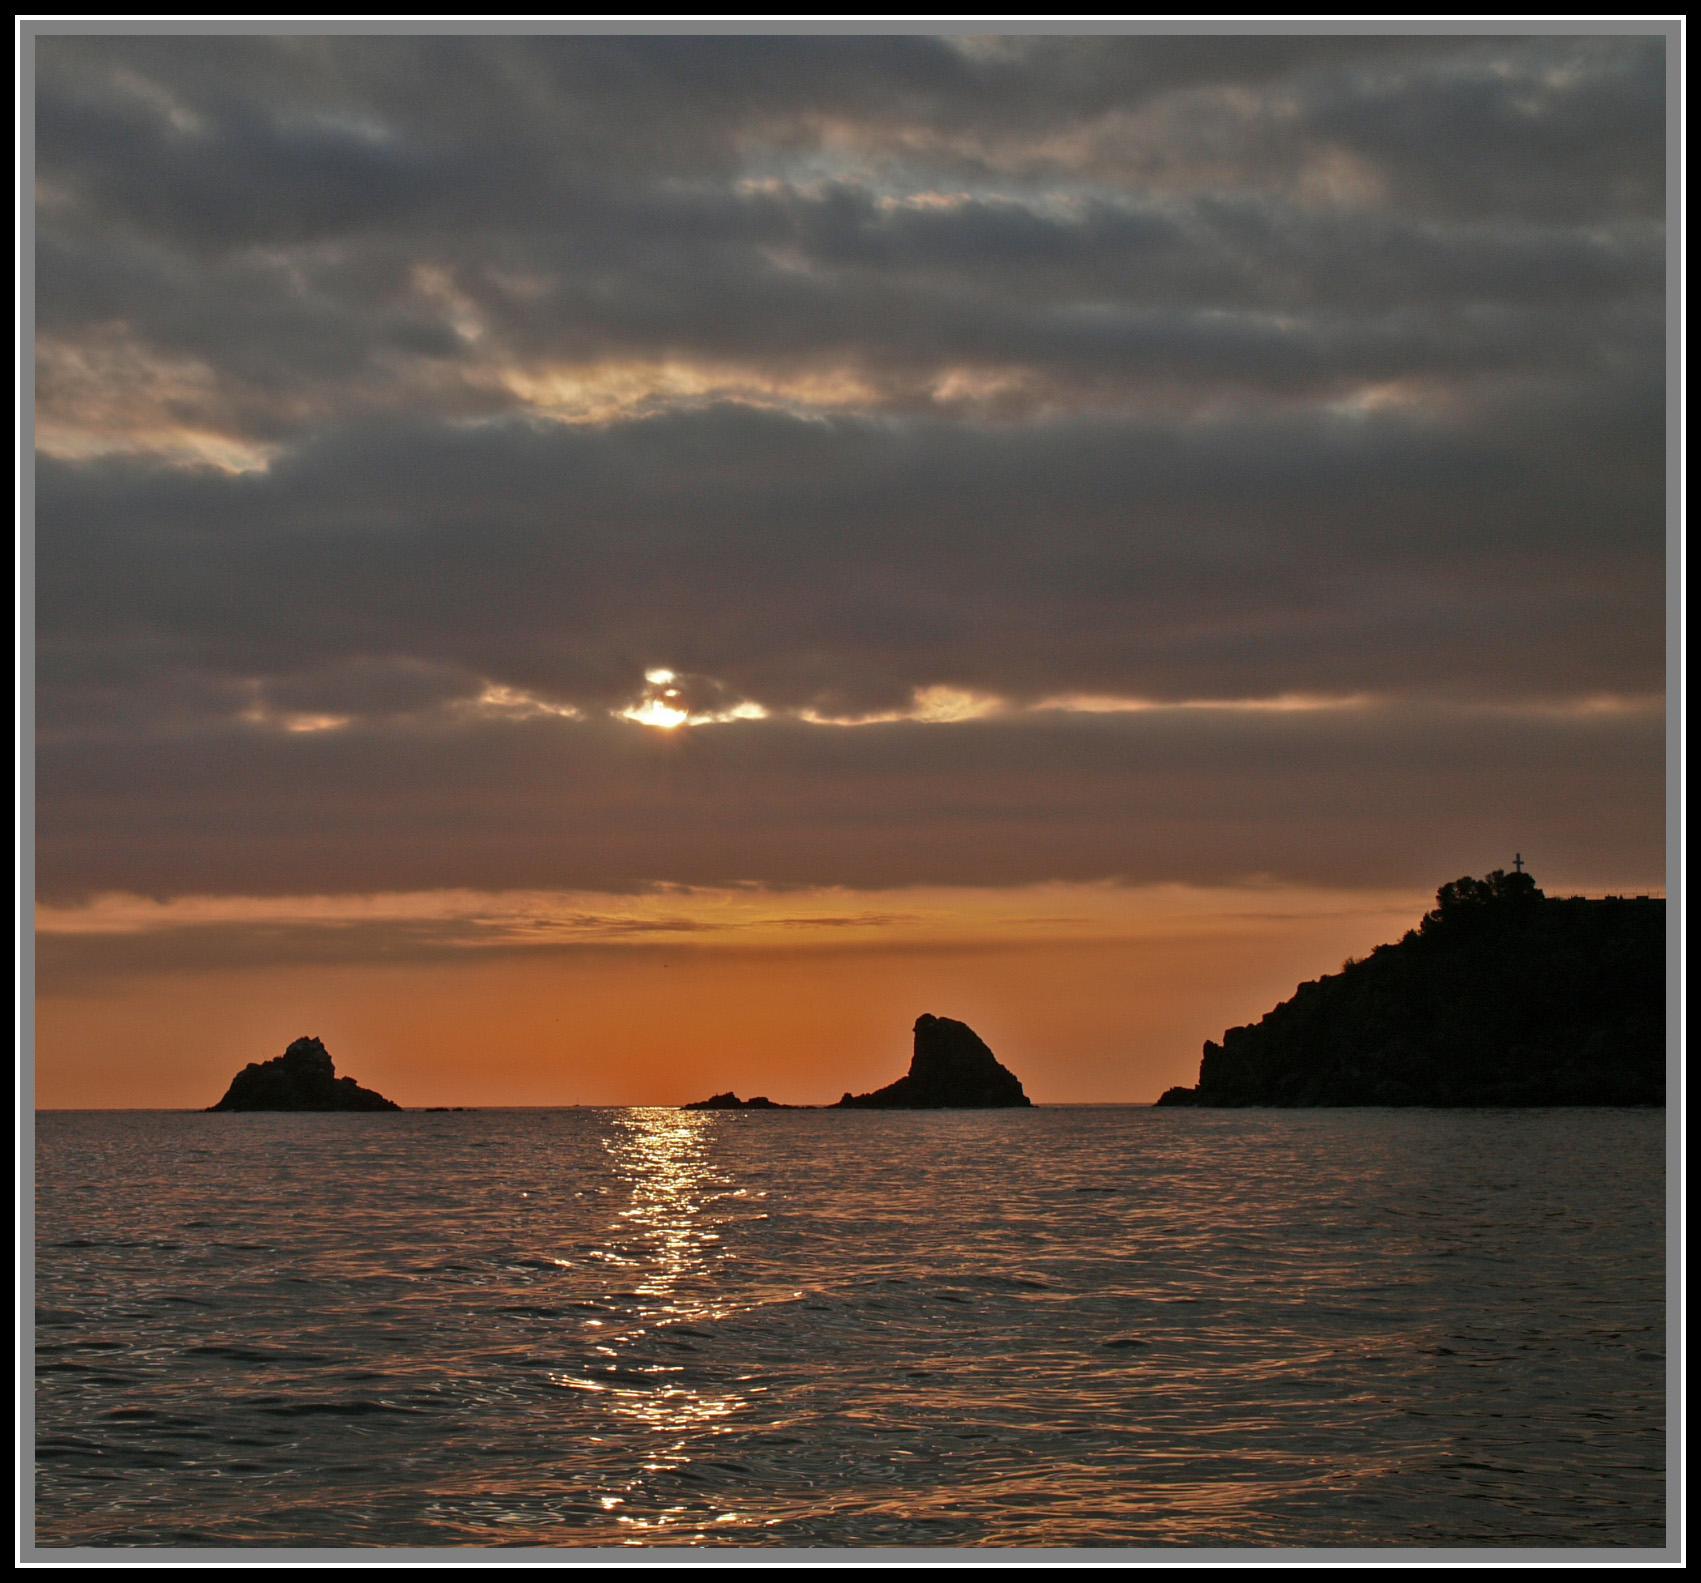 Foto playa Caletilla. Puesta de sol